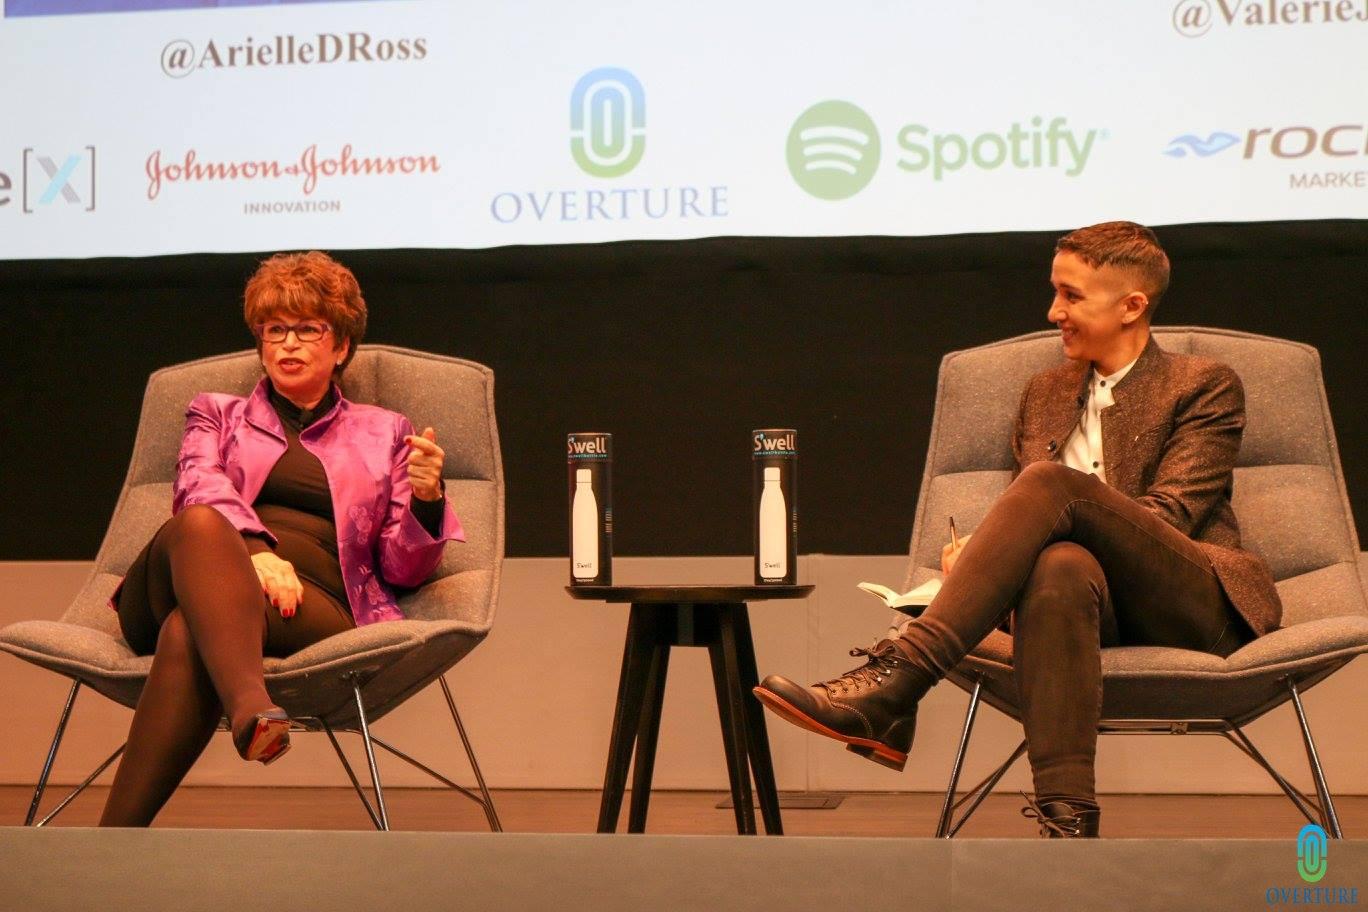 Valerie Jarrett & Arielle Duhaime-Ross at STEM+HD